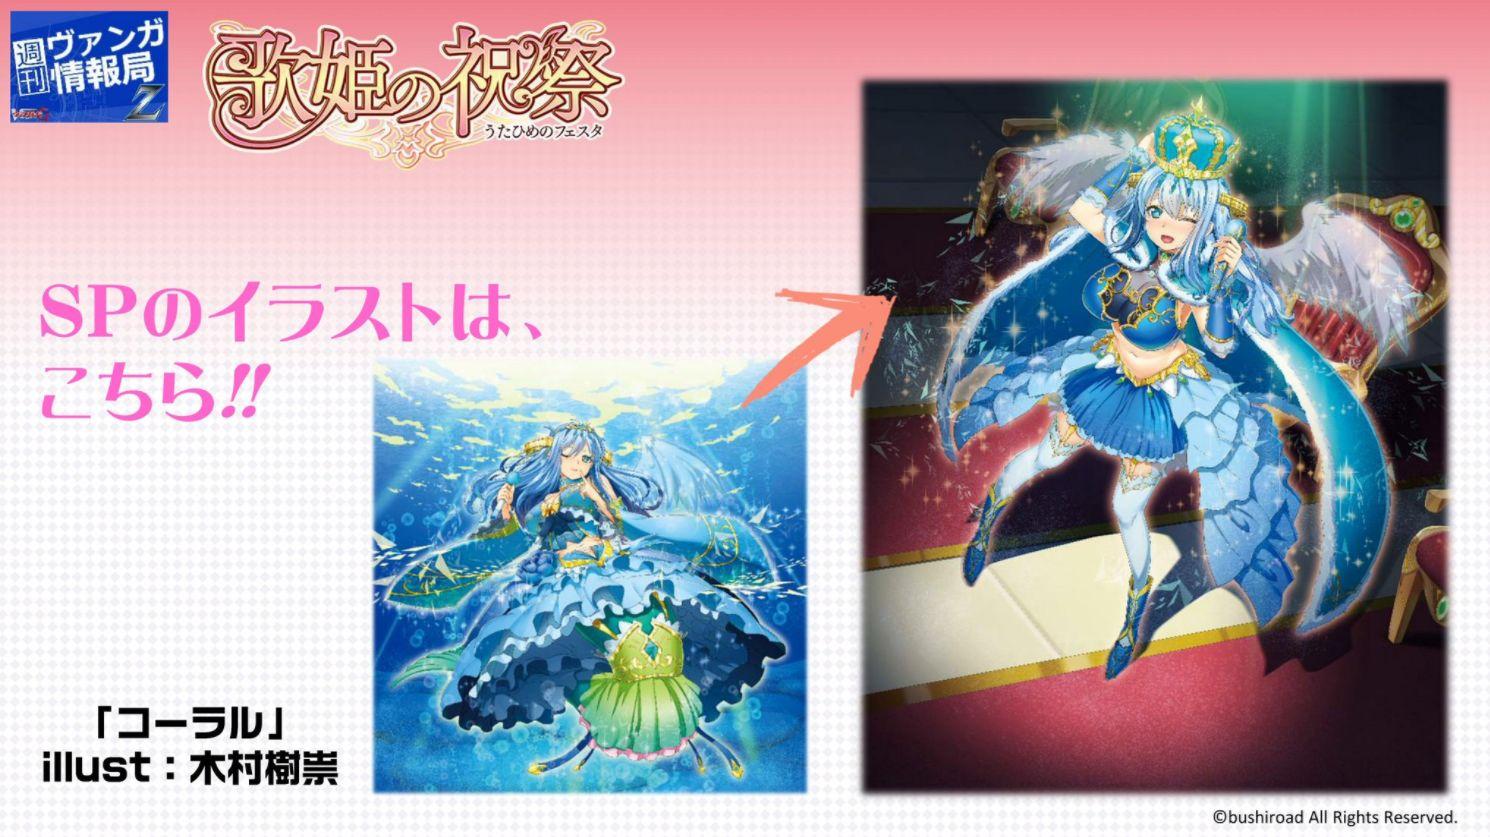 歌姫の祝祭(うたひめのフェスタ)の収録SPカードサンプル